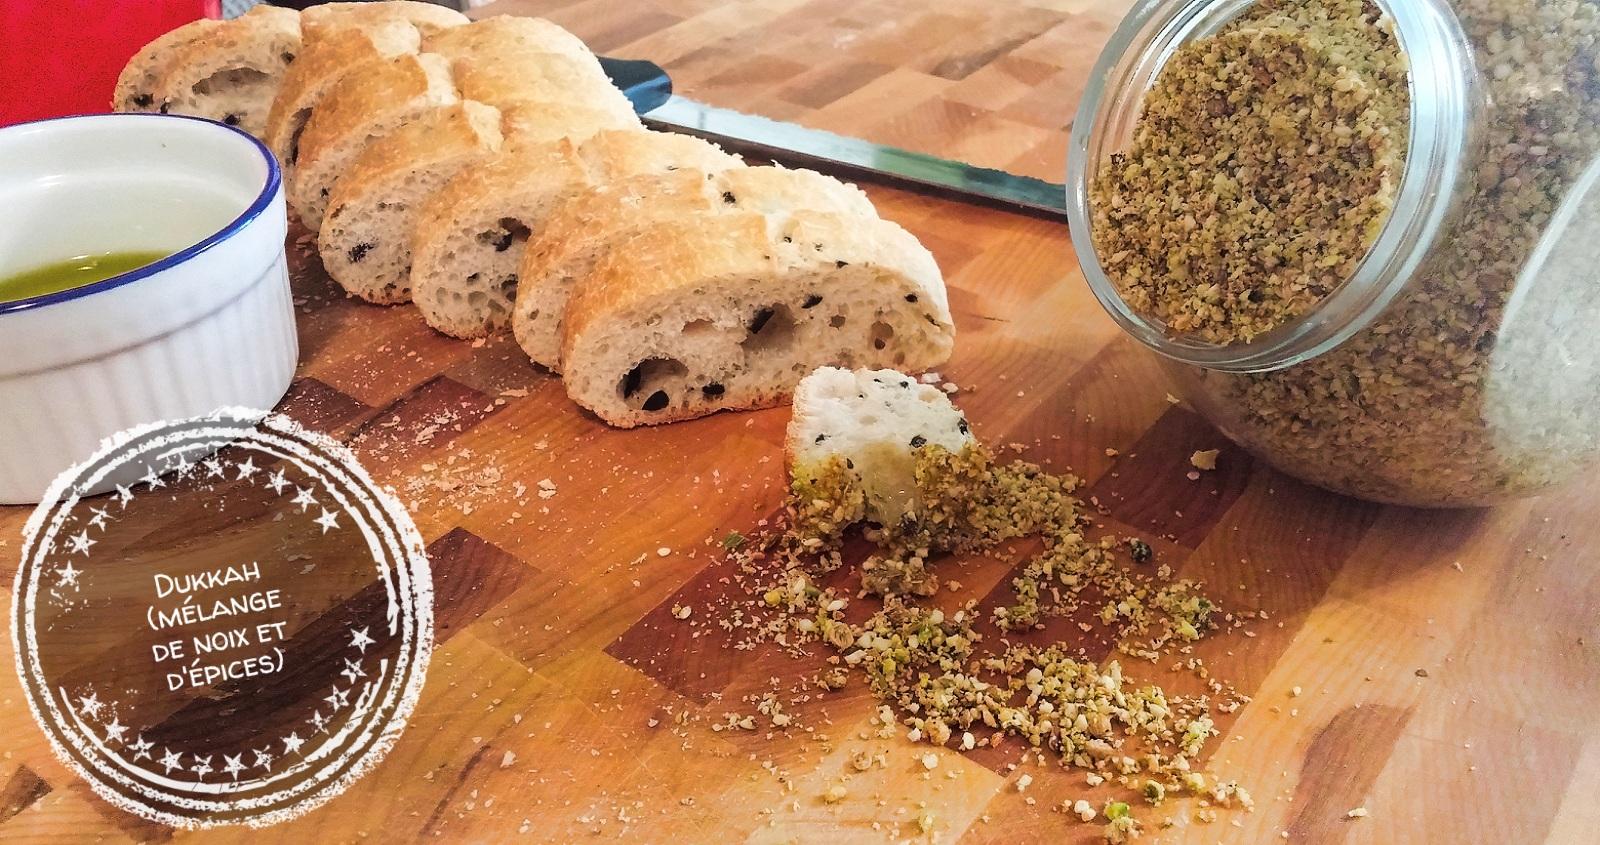 Dukkah (mélange de noix et d'épice) - Auboutdelalangue.com